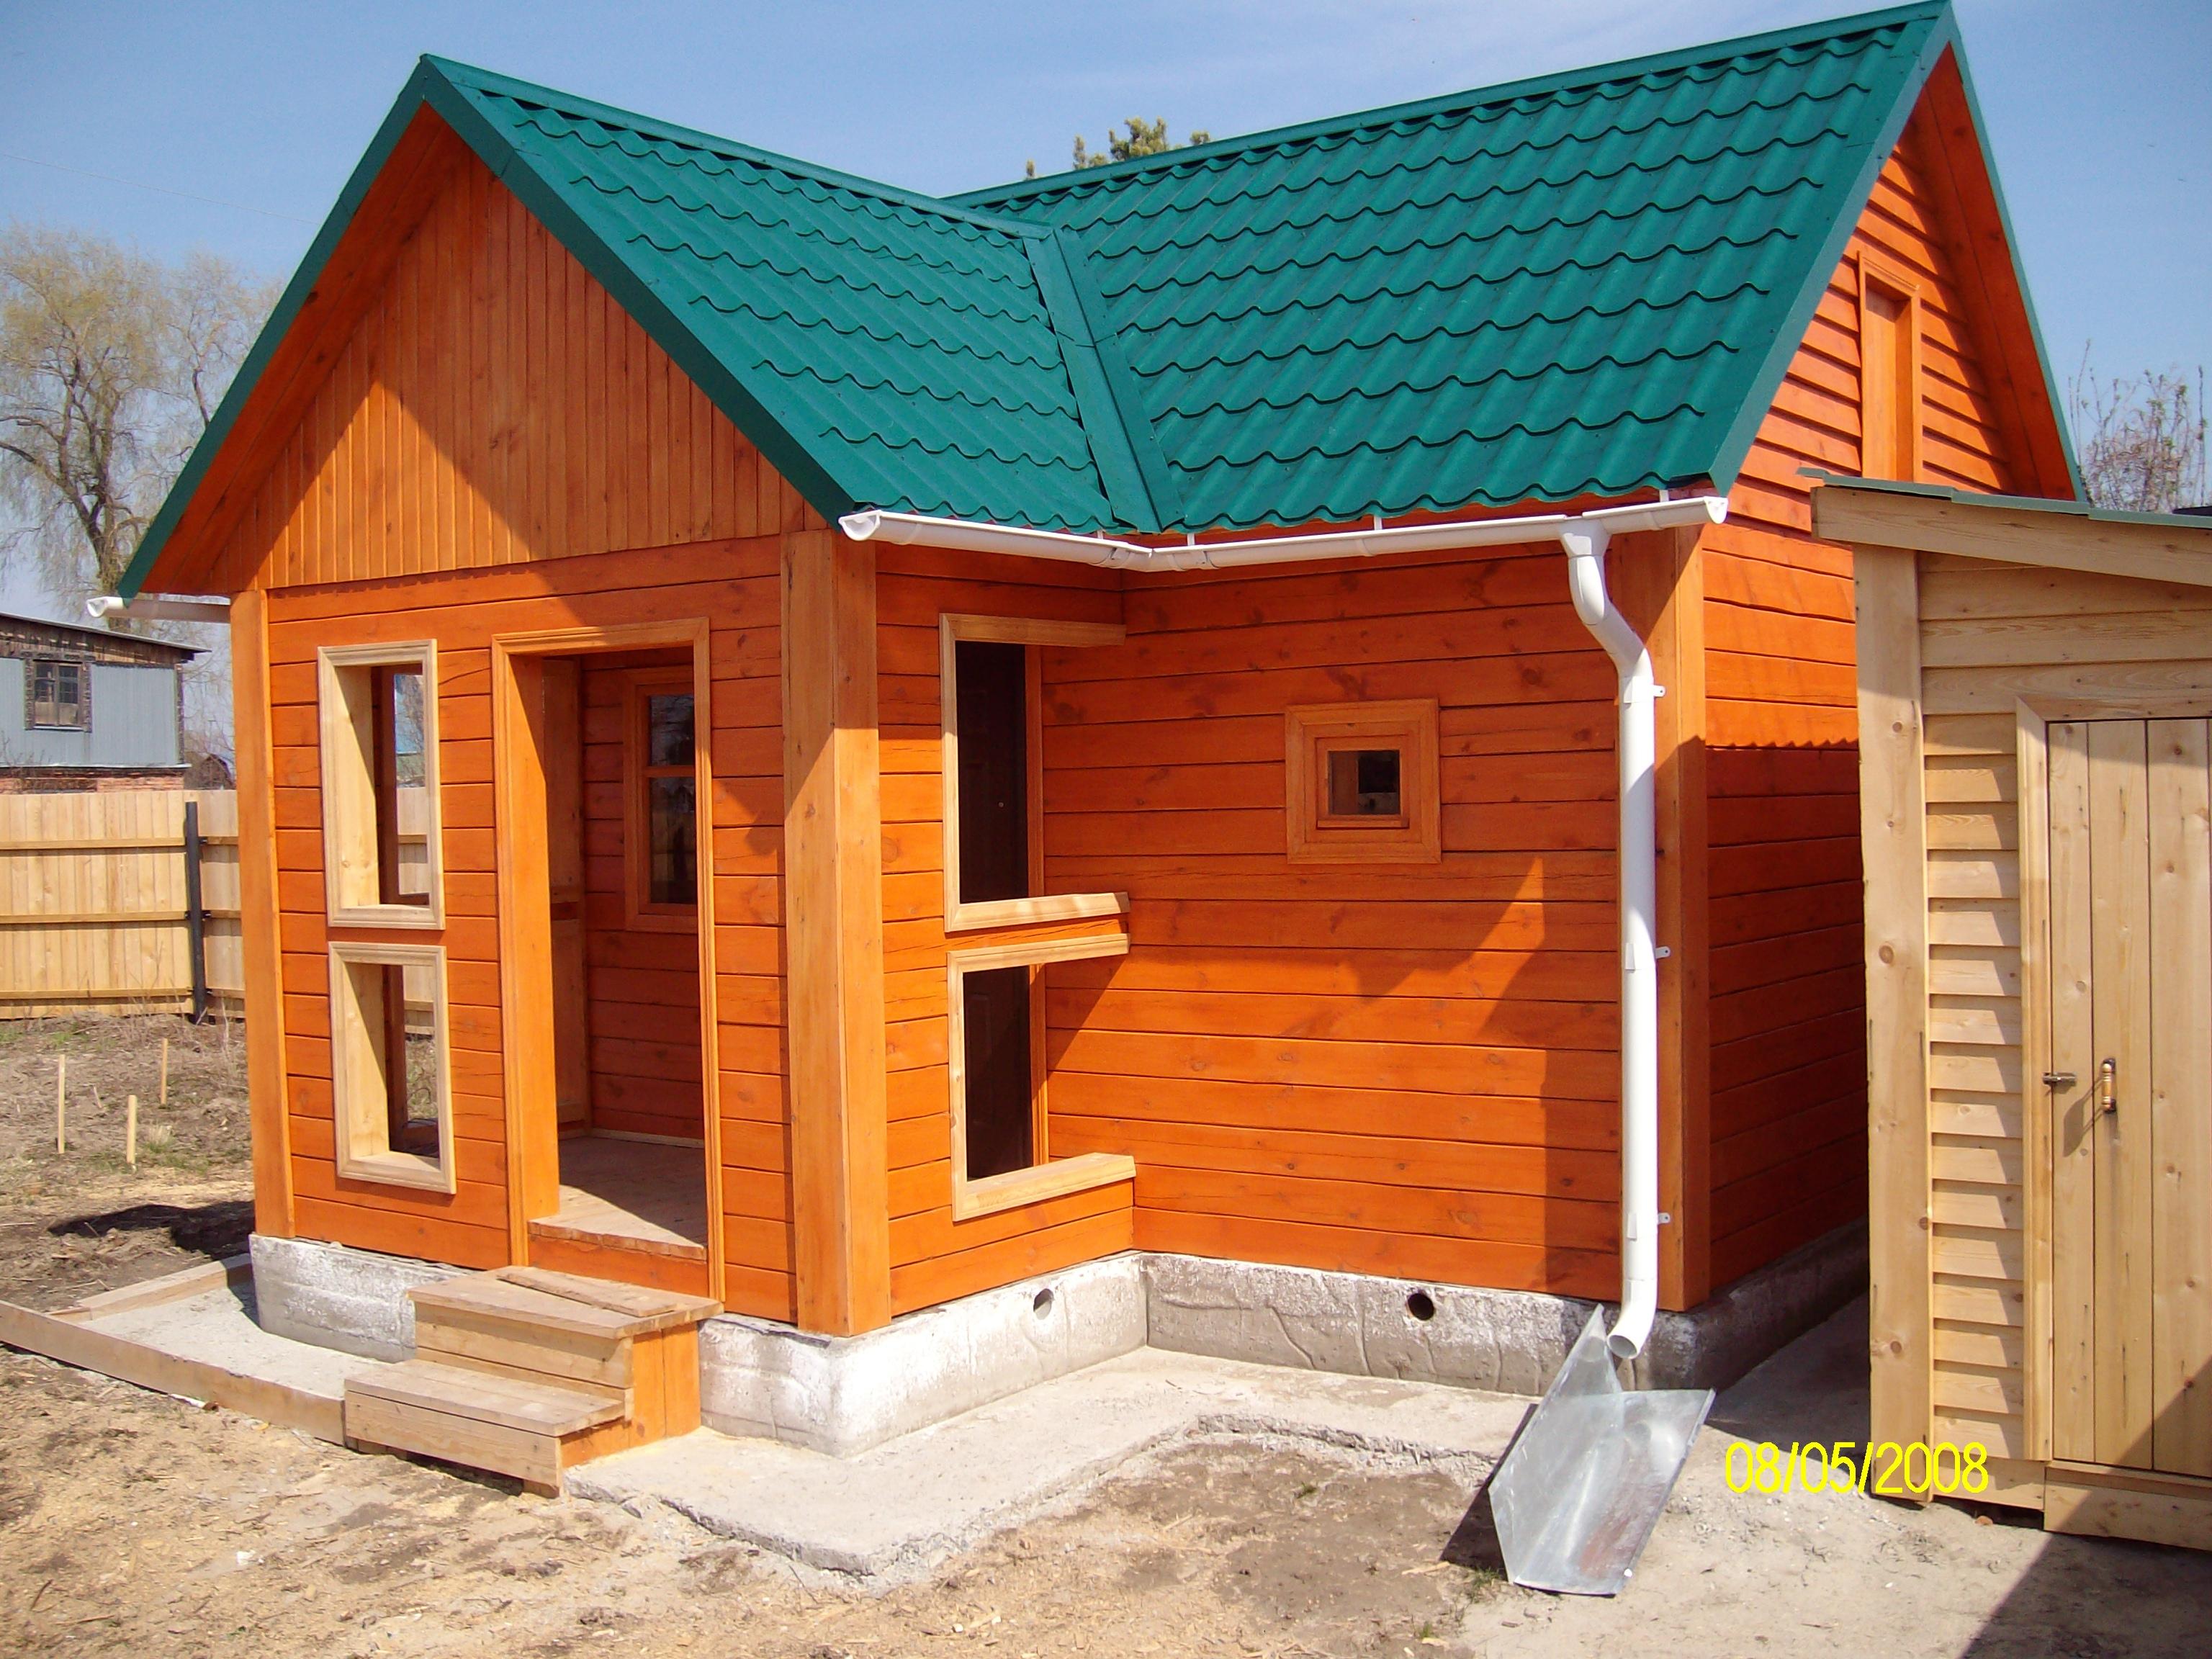 Строительство бани «под ключ». грамотный проект в дуэте с надёжным подрядчиком – гарантия долгой жизни любого строения